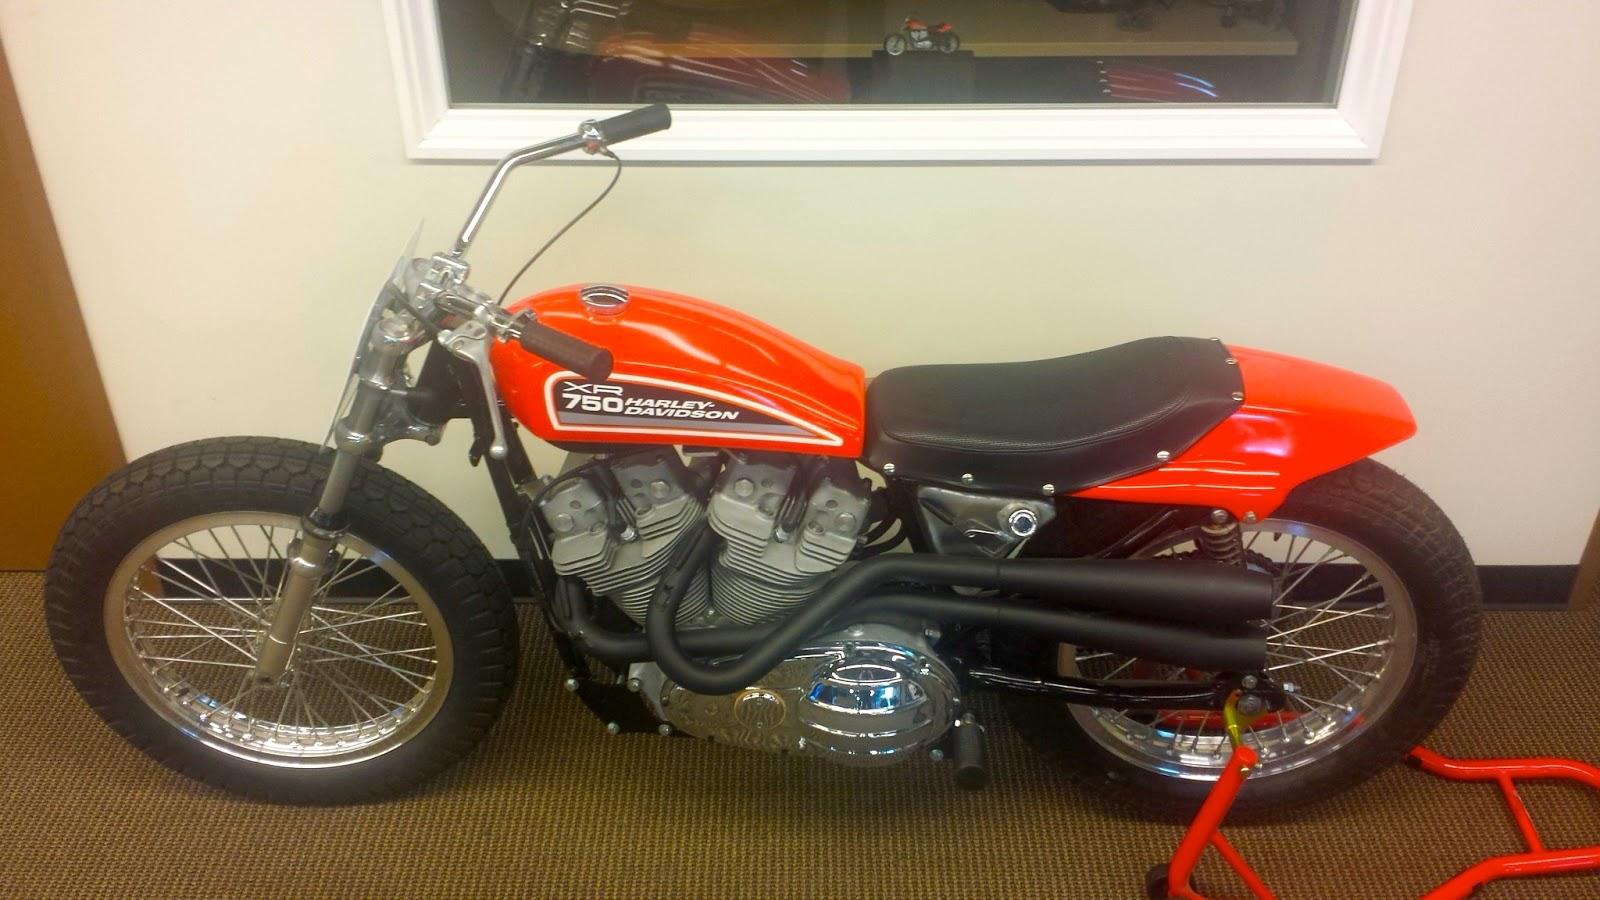 Poppa Wheelie Latus Motors Portland Oregon